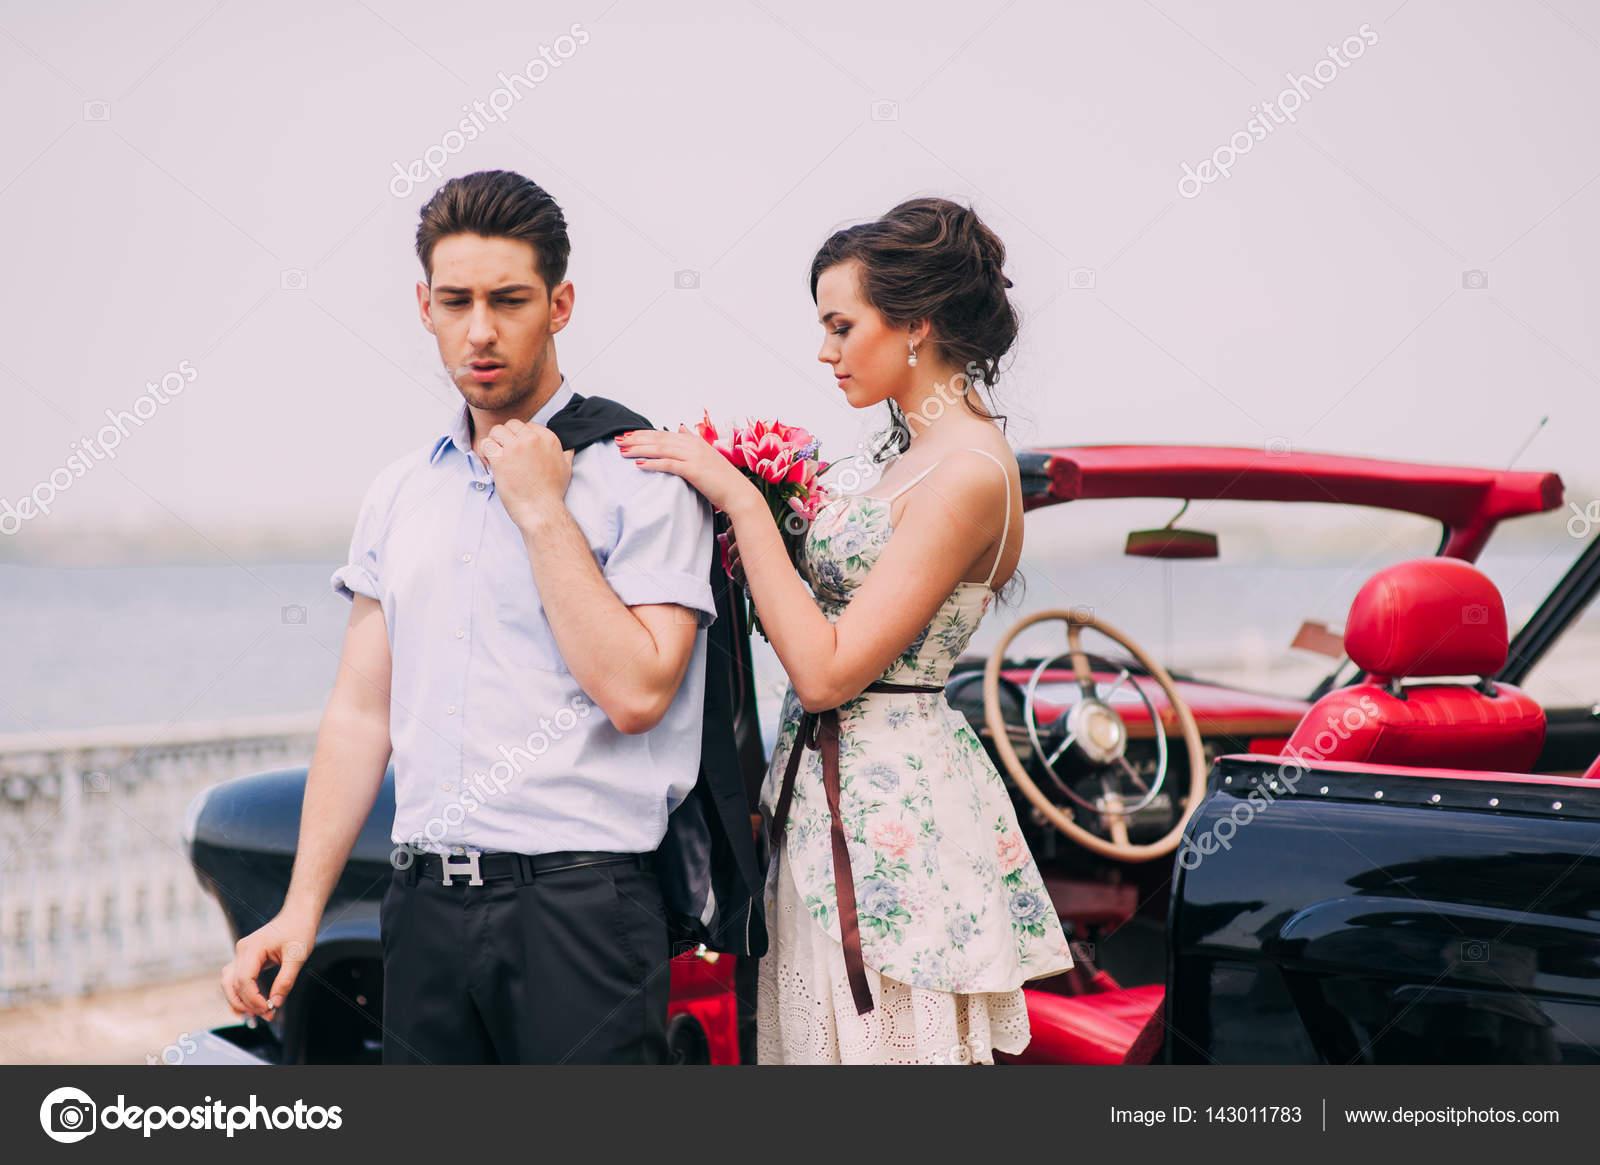 Regole per la datazione di un ragazzo auto